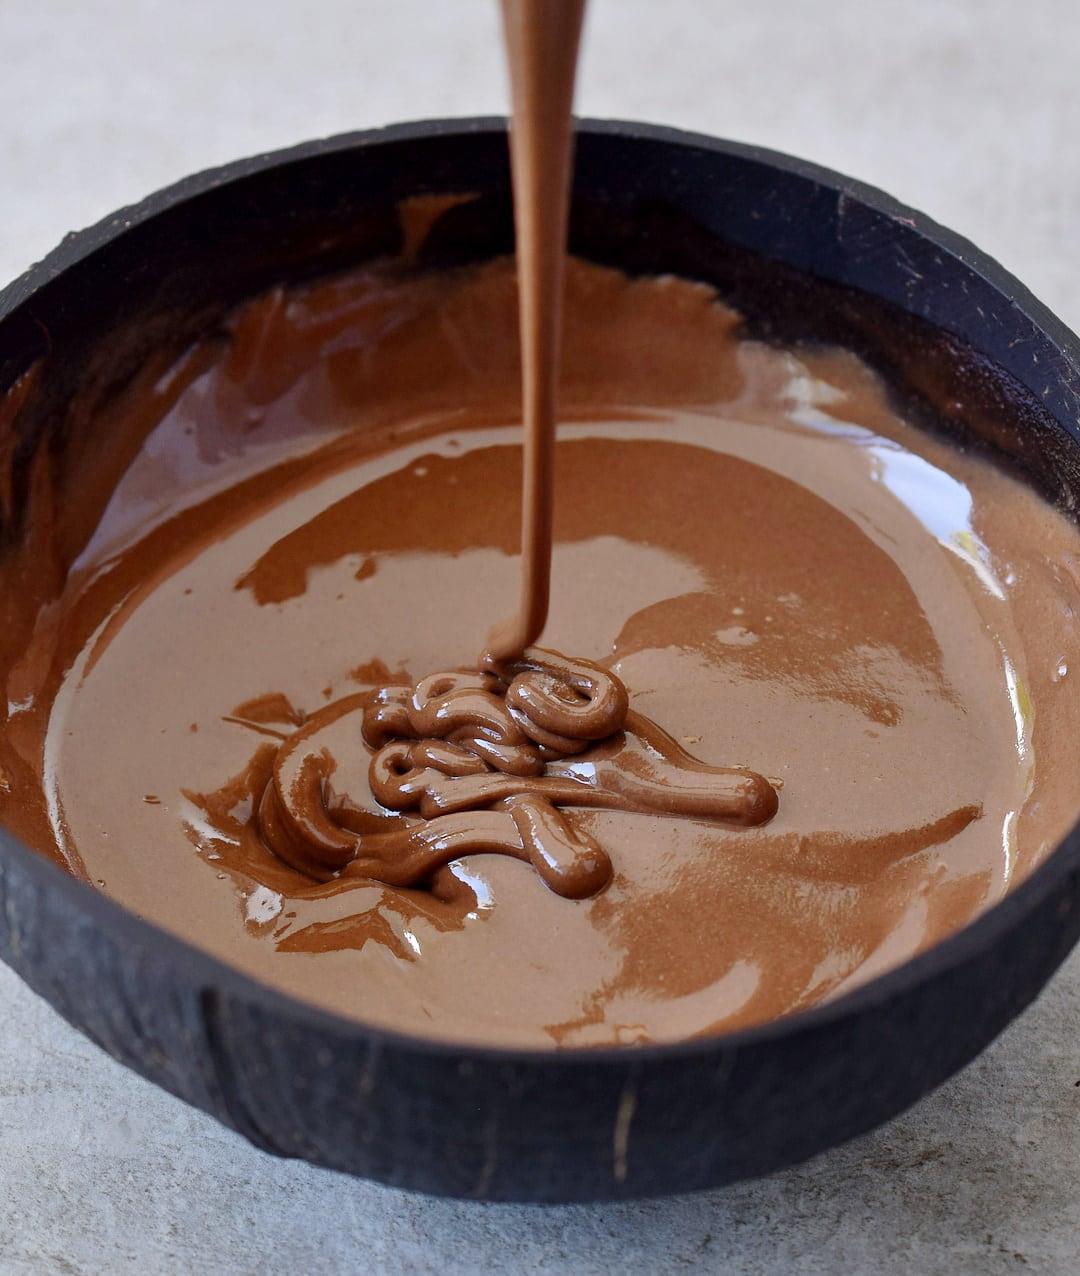 vegane schokoladencreme in brauner schale